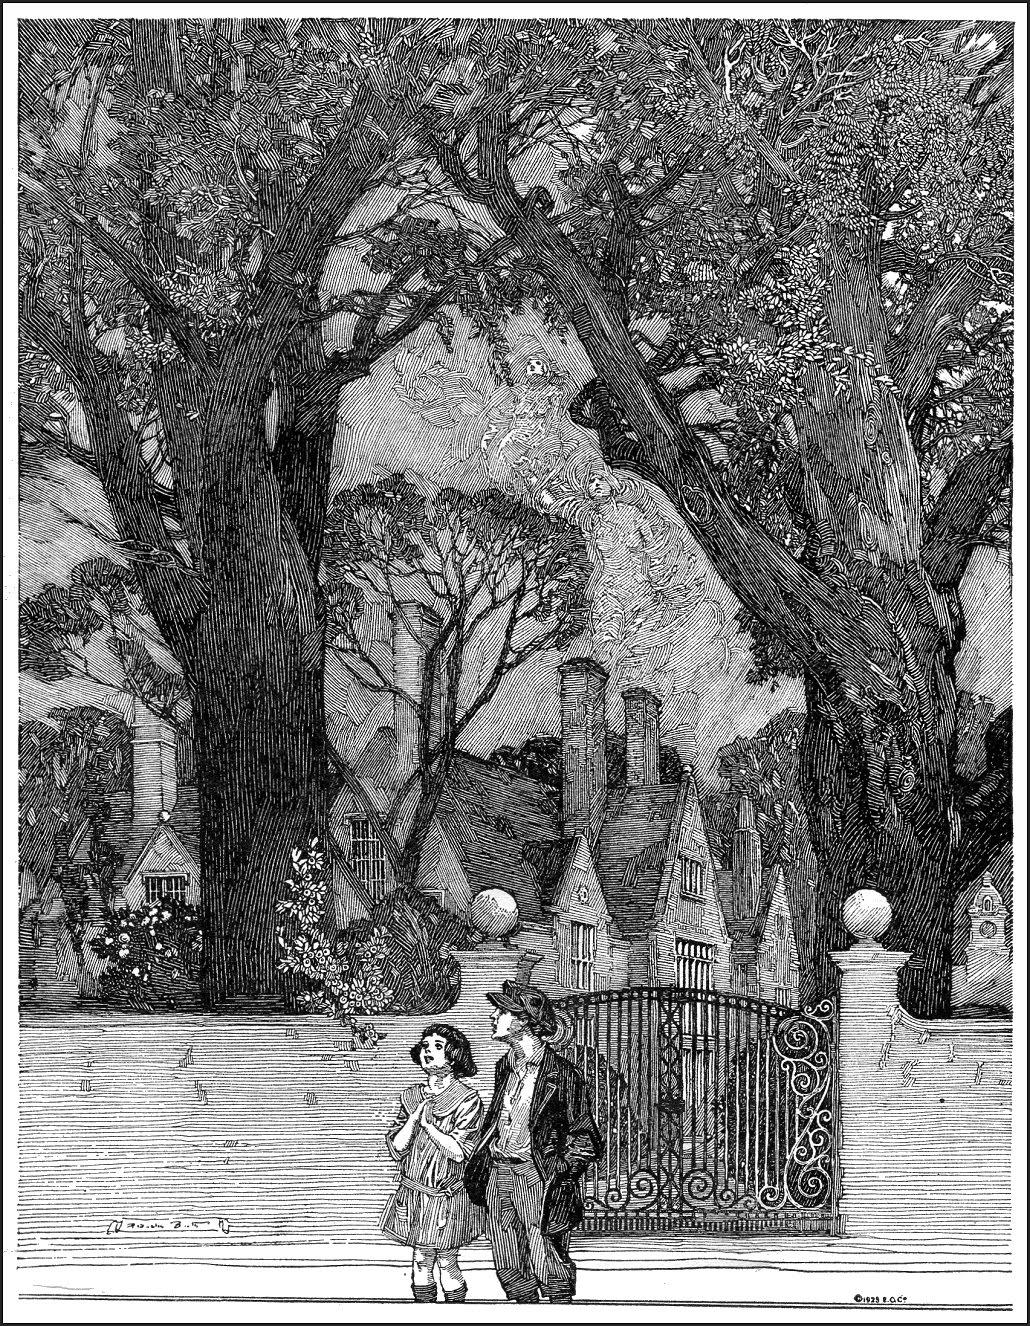 booth_1923_05_harpers_esteyorganad